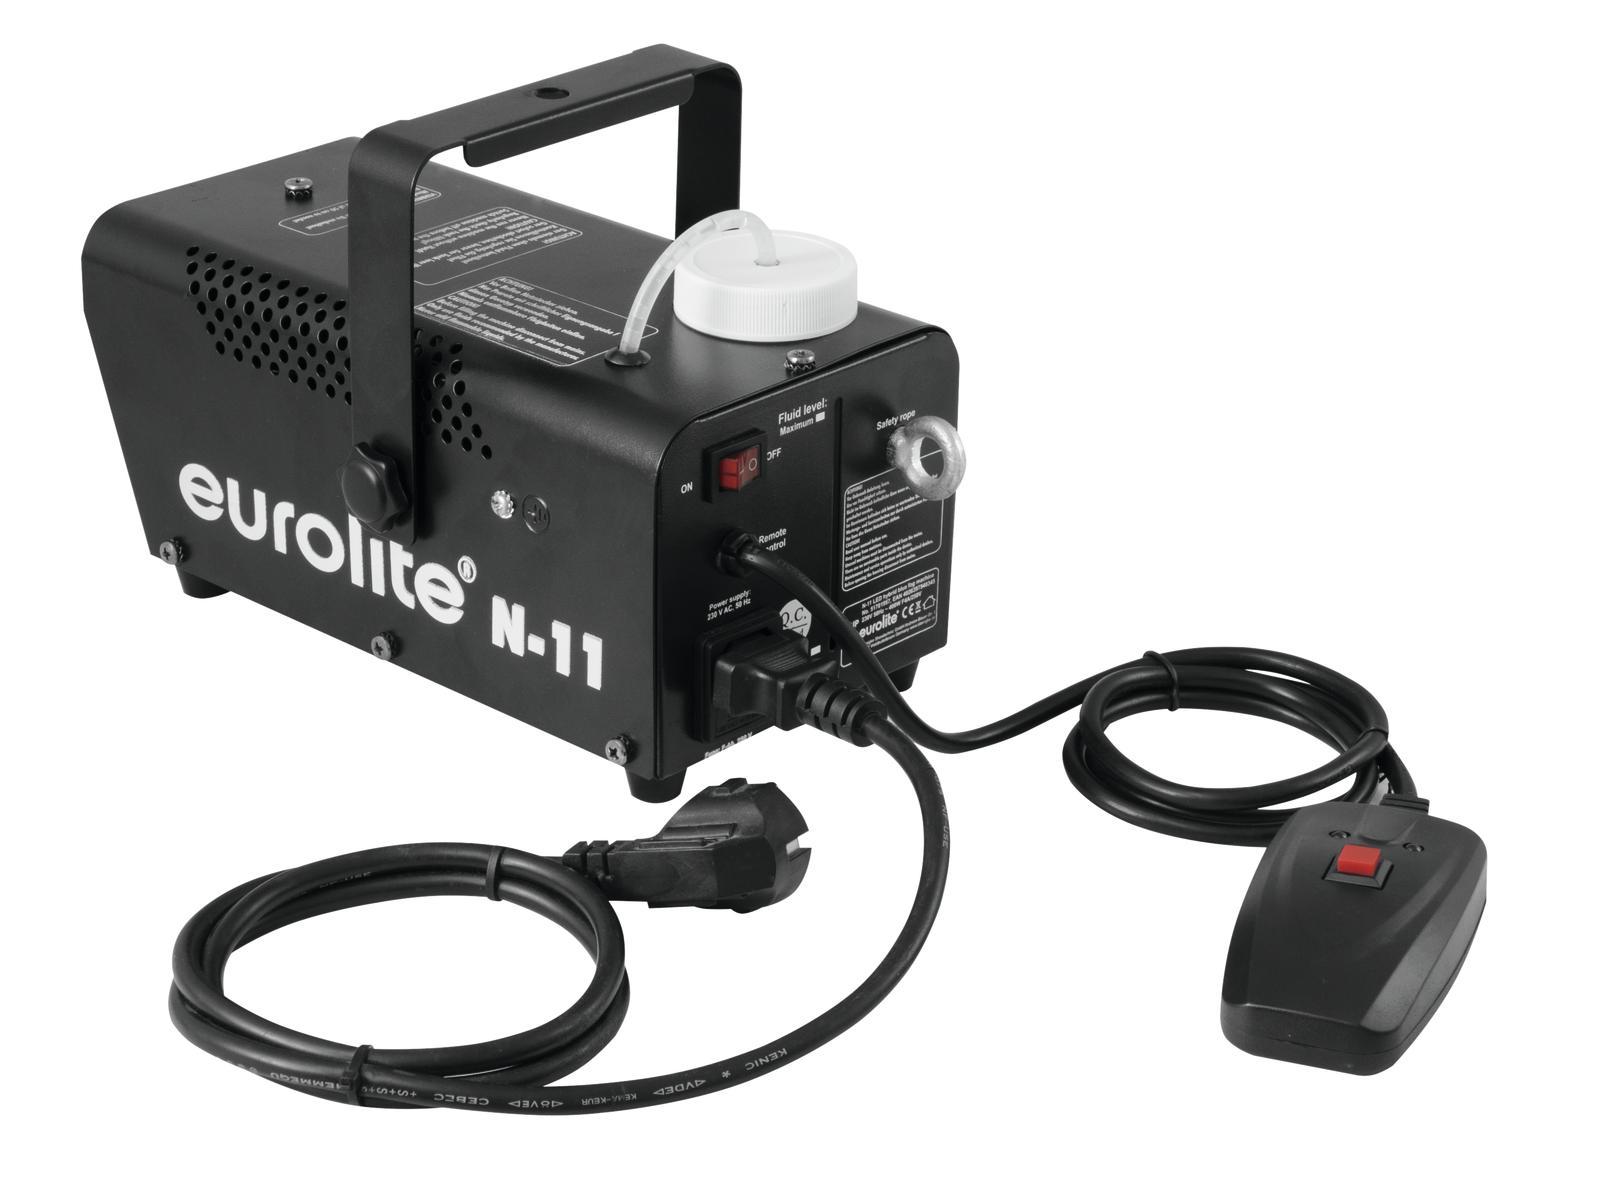 Macchina del fumo-nebbia con affetto colorato a led EUROLITE N-11 LED Hybrid